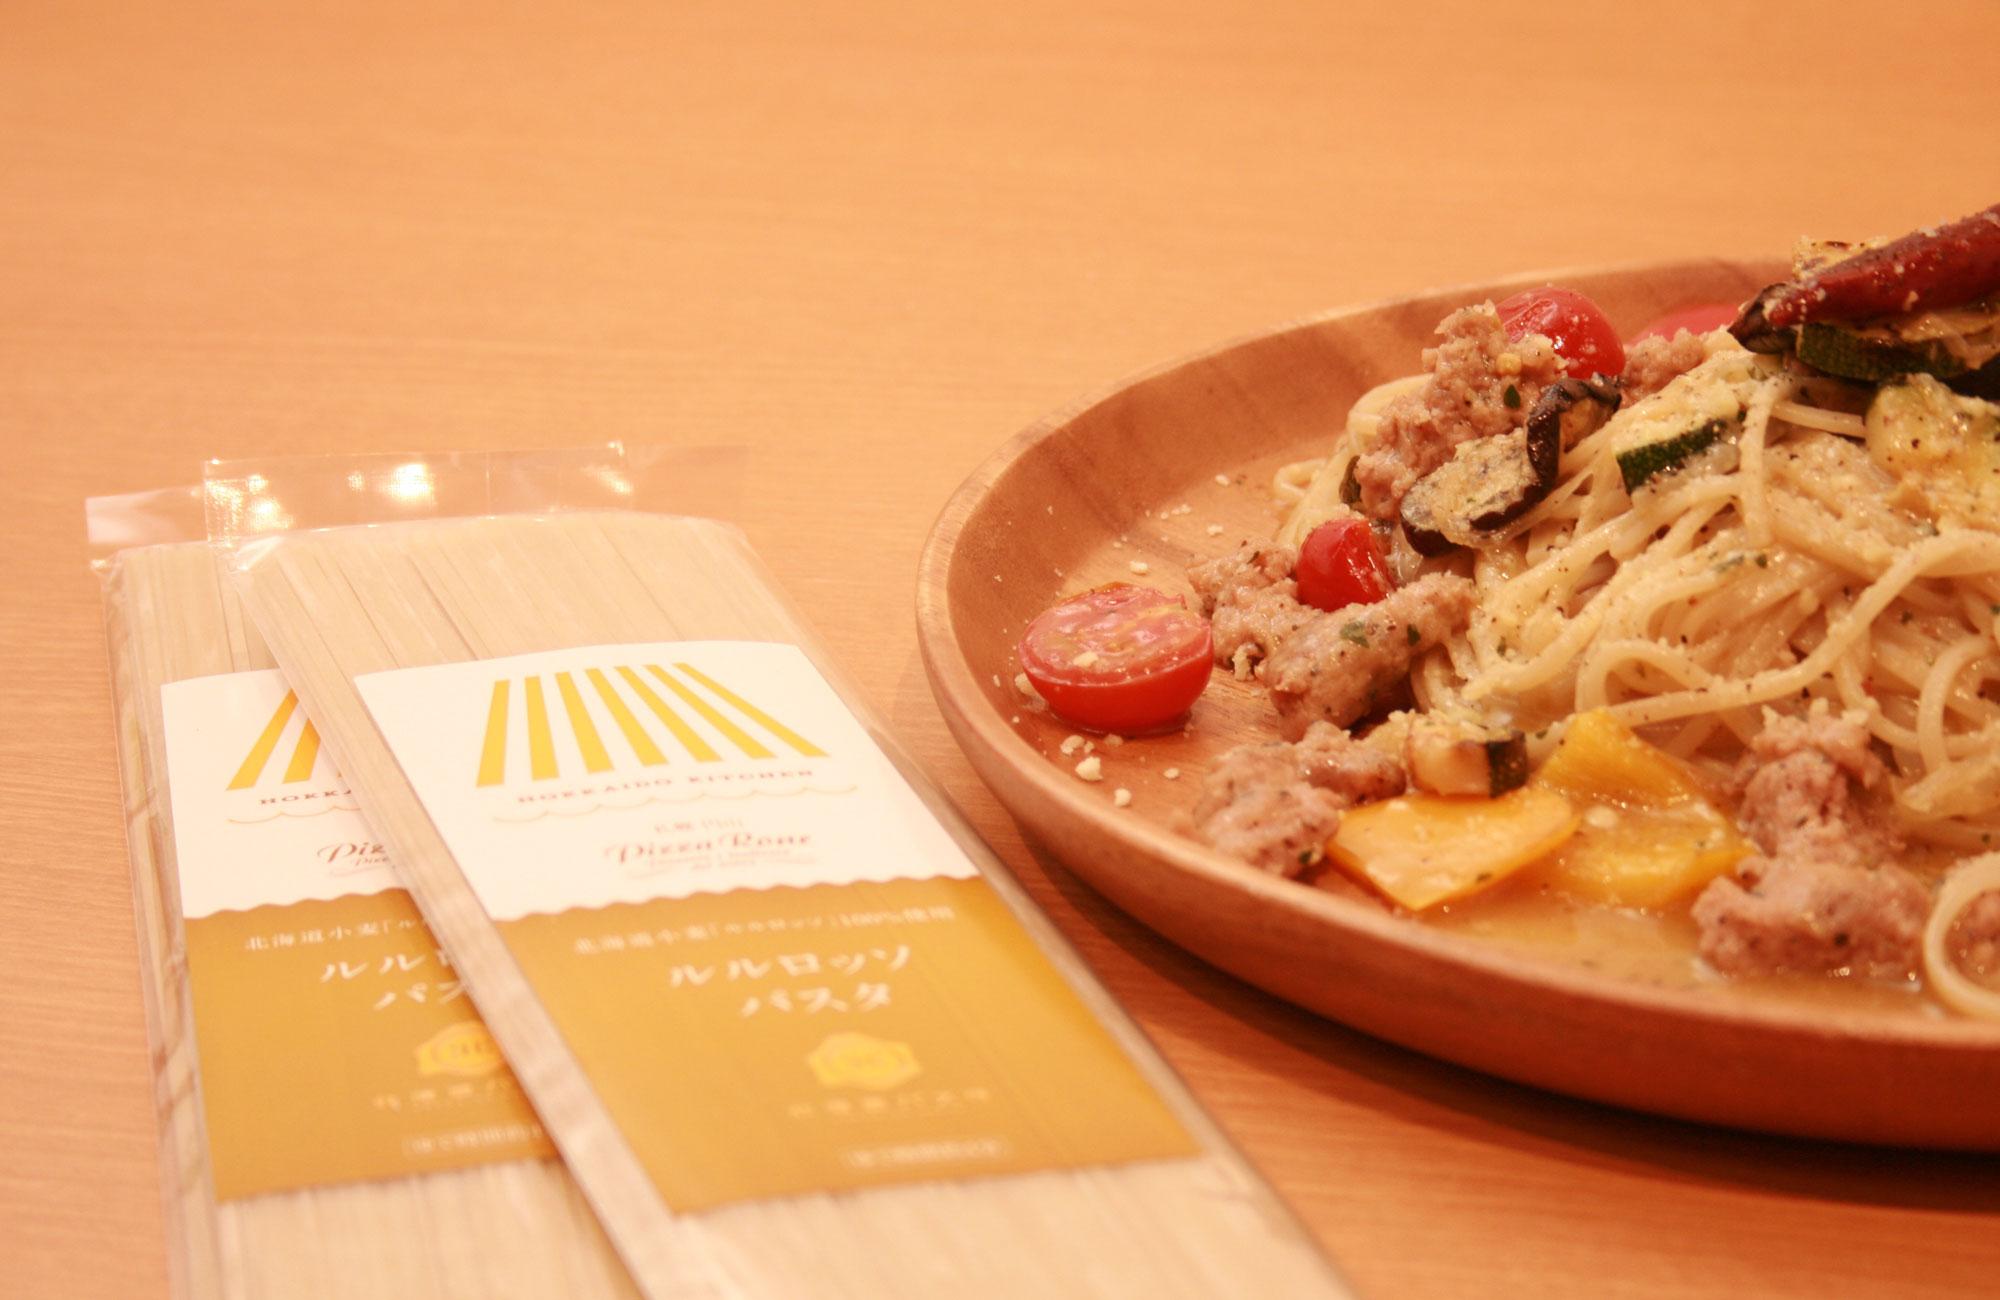 アエイインターワールド 北海道産小麦100% ルルロッソパスタ サルシッチャ